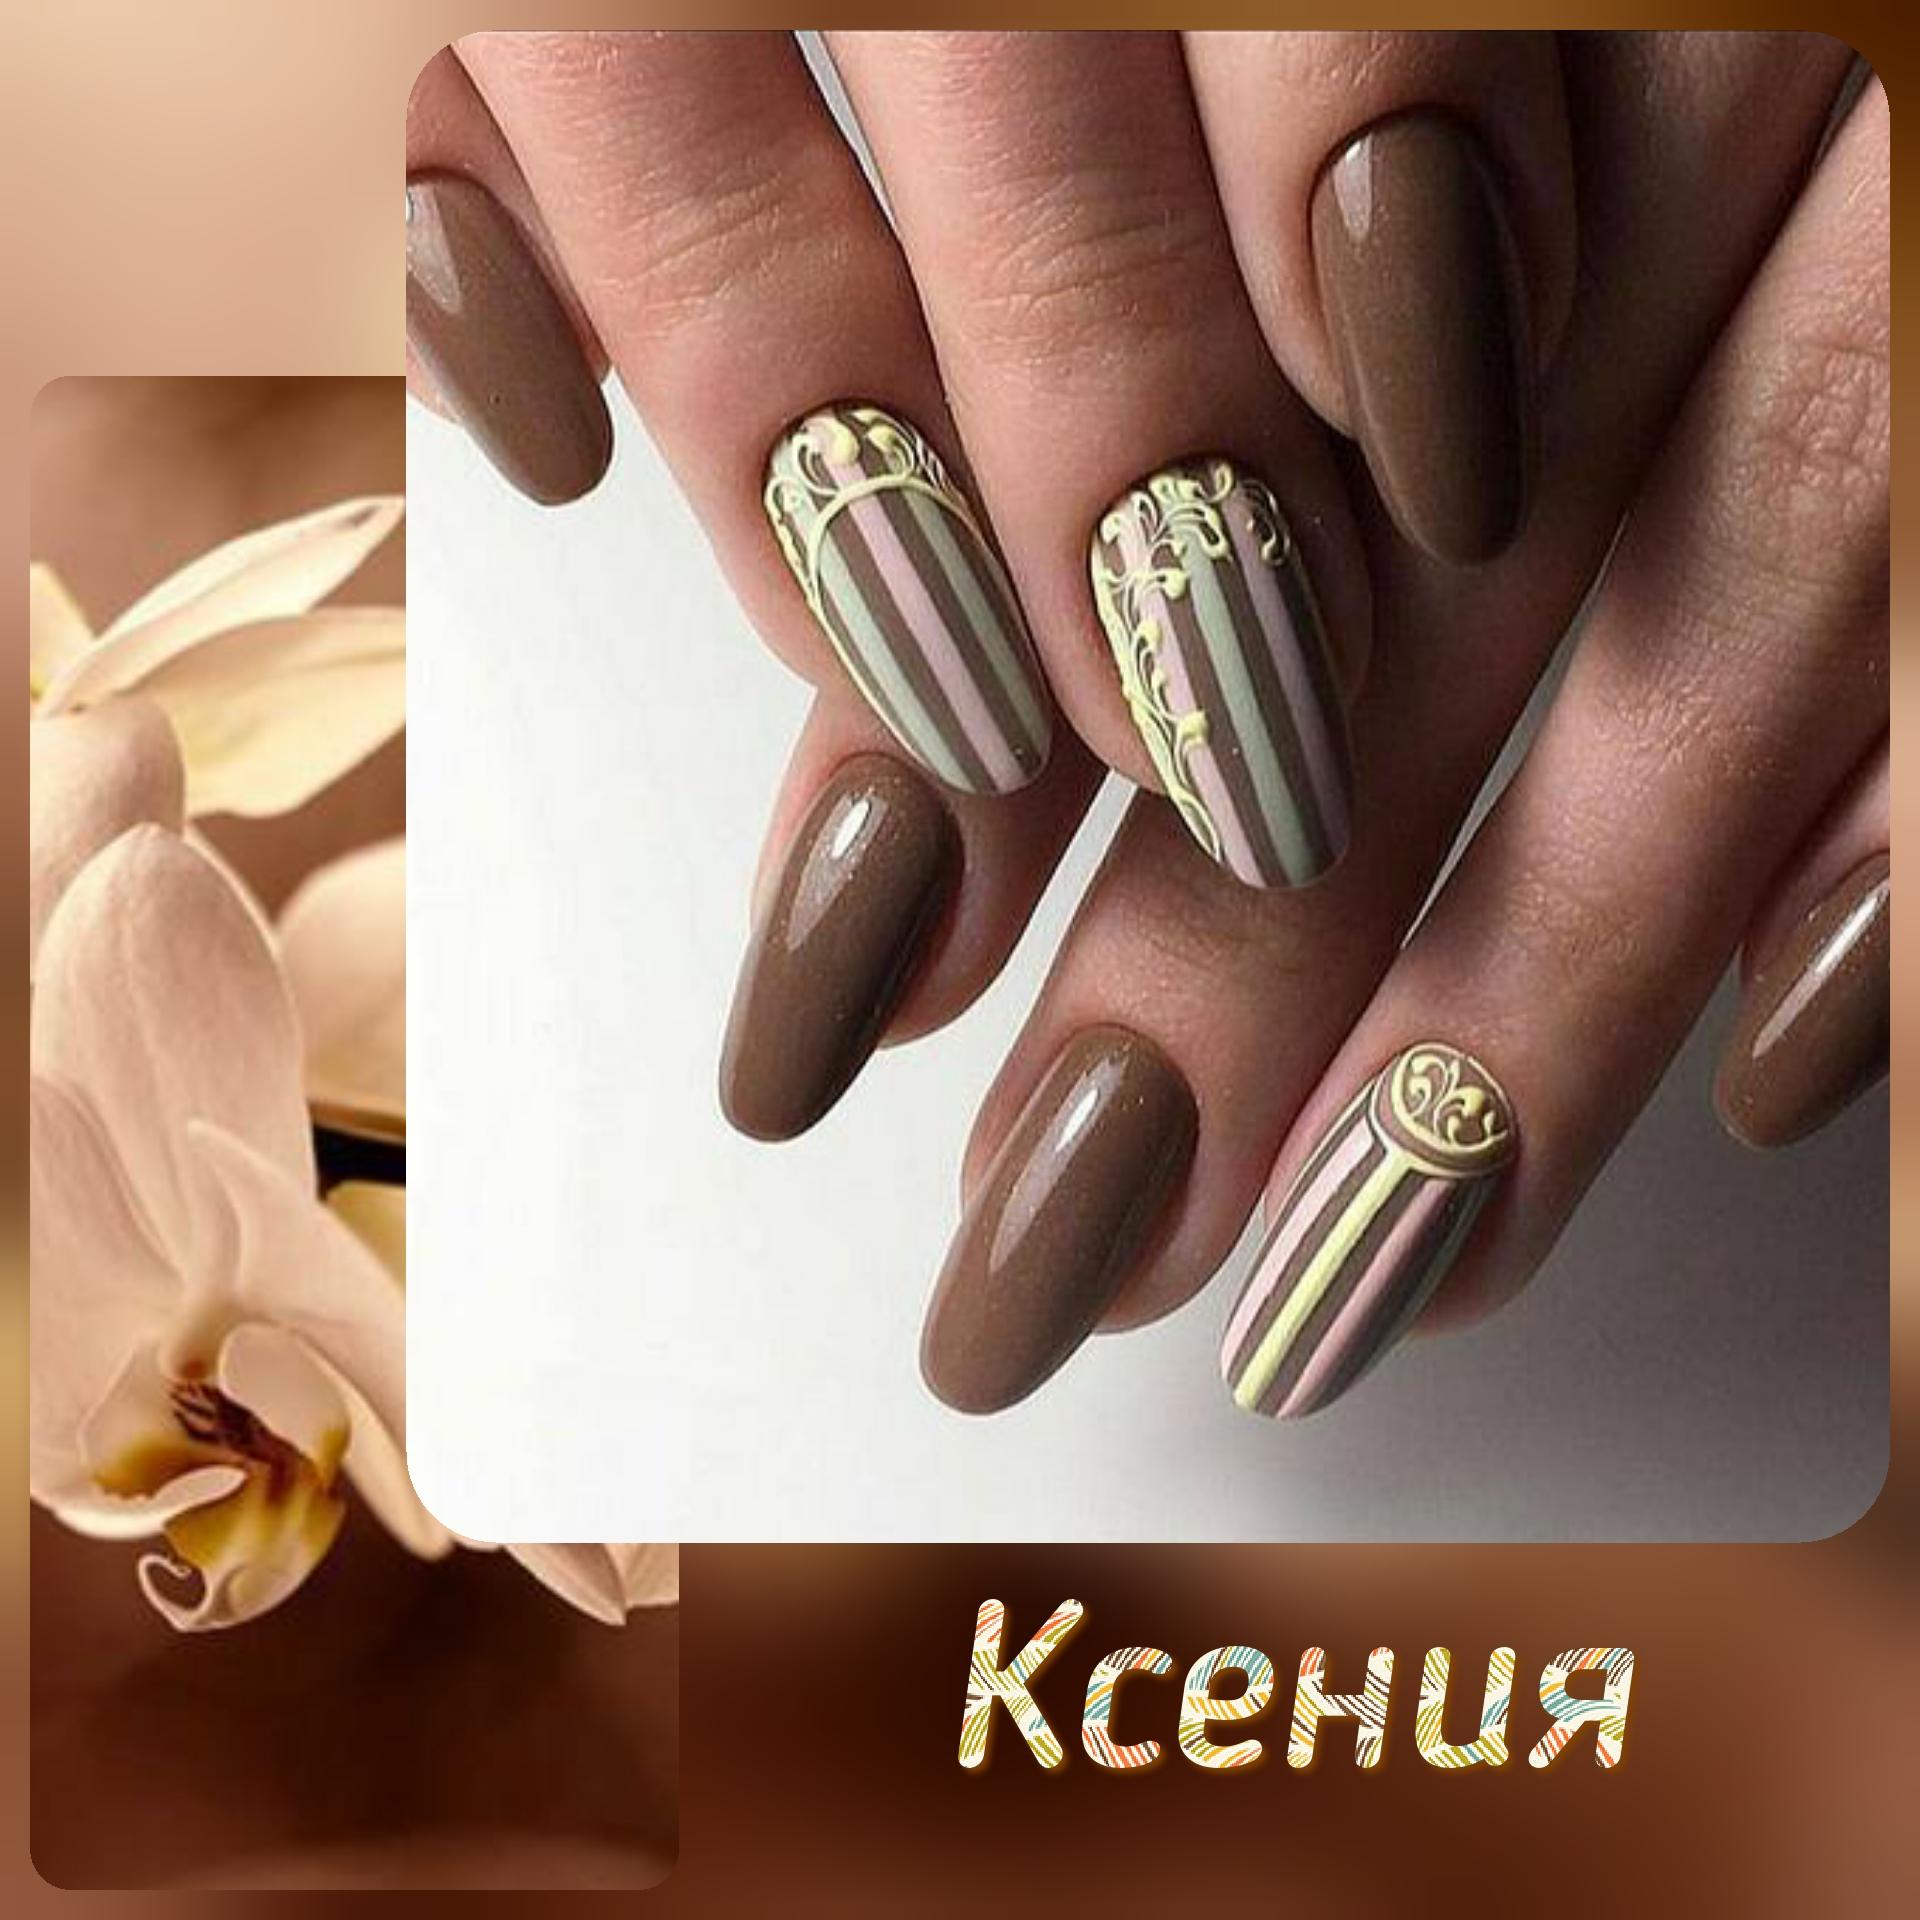 Маникюр с полосками в коричневом цвете.